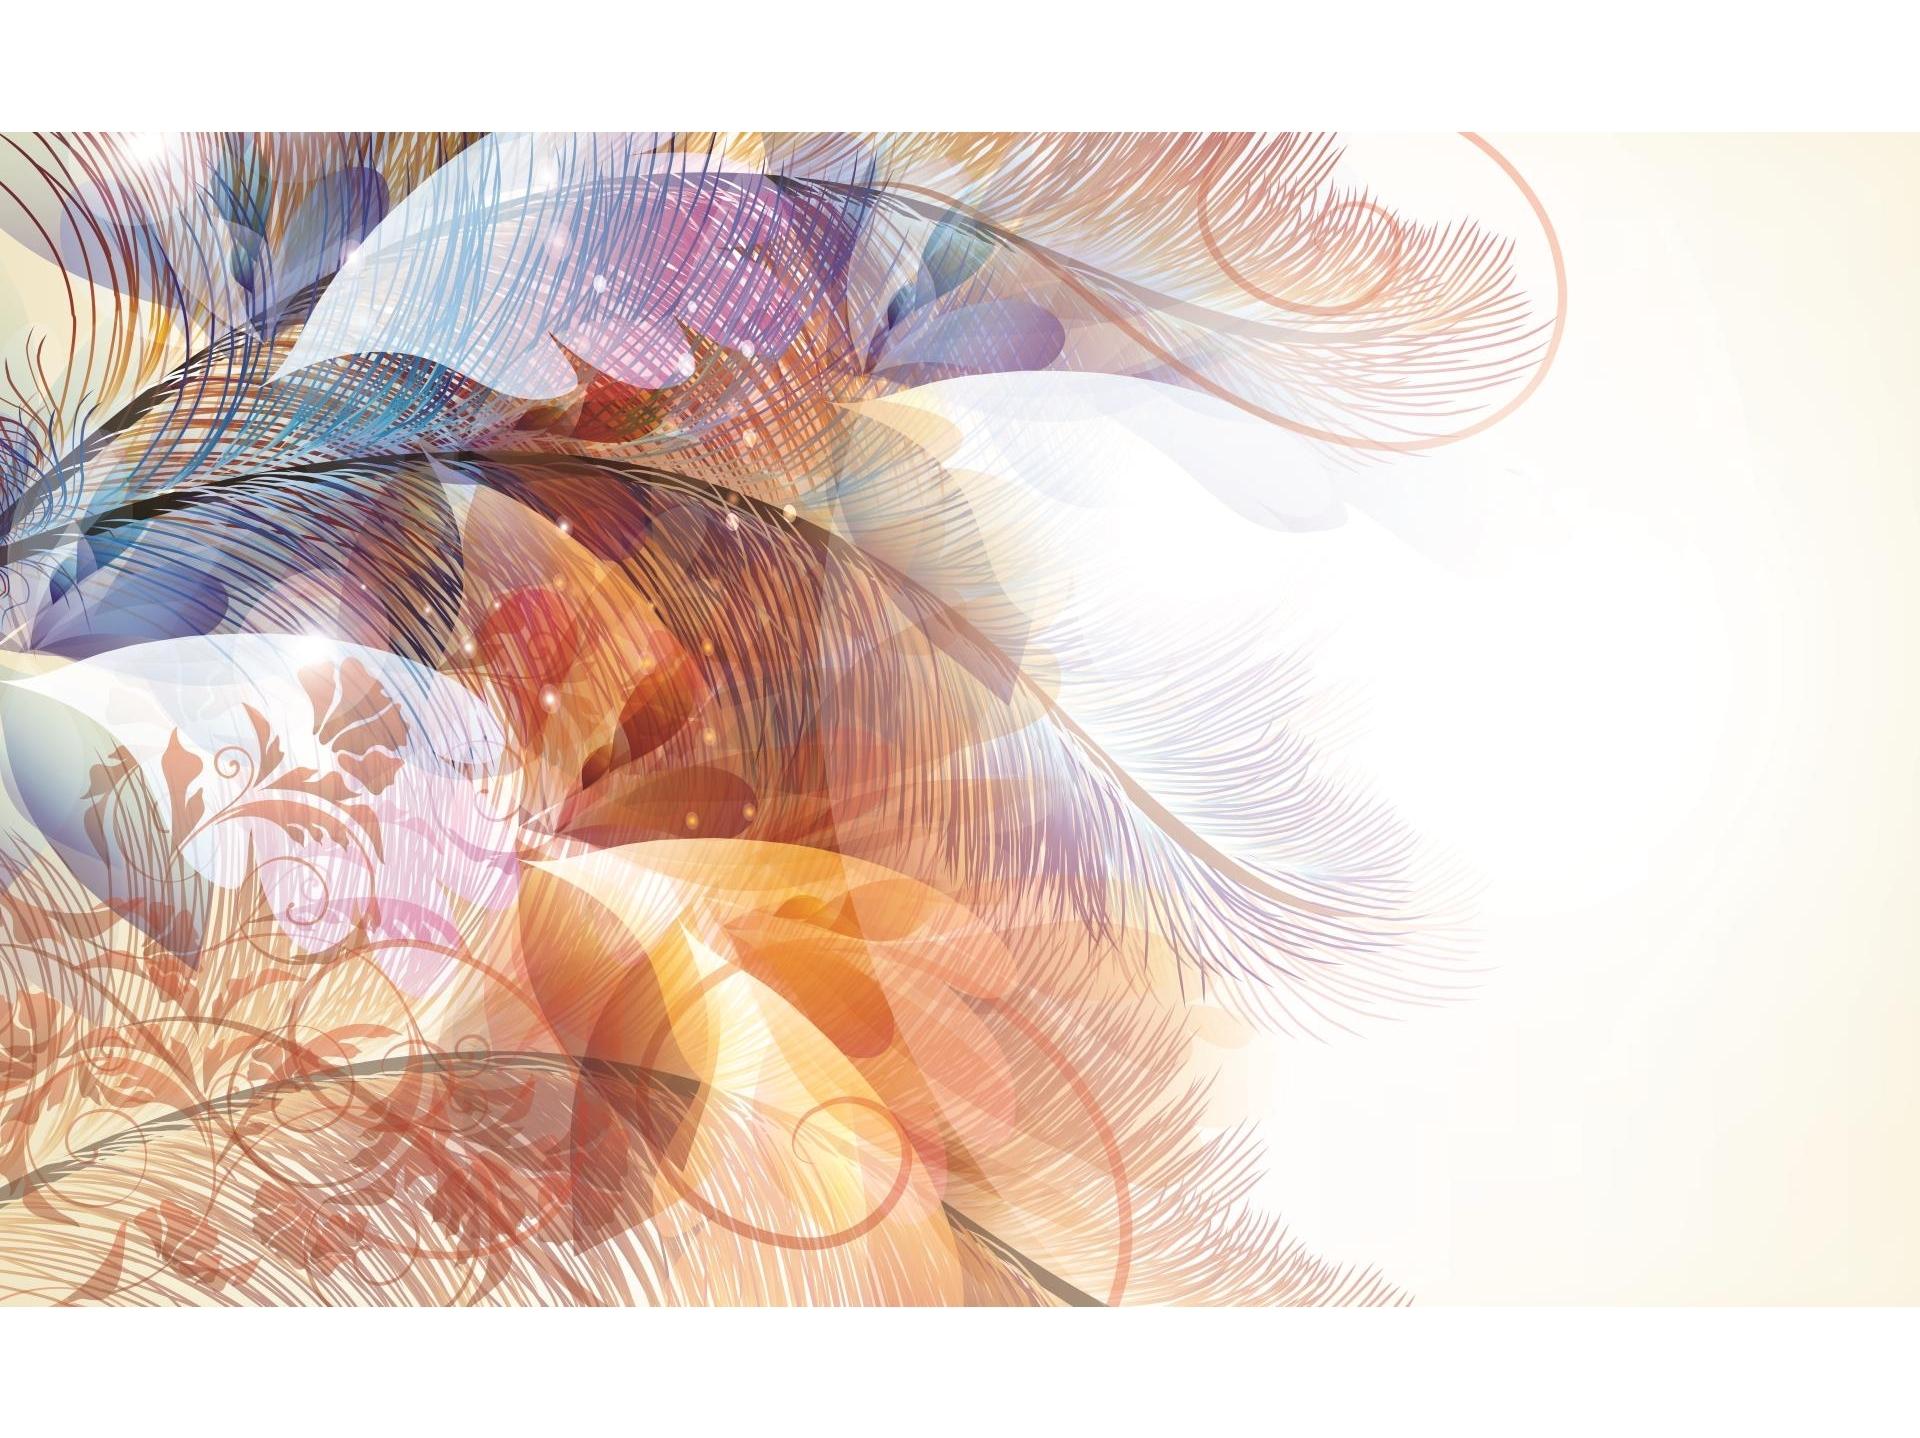 фоны для фотокниг абстракция сходящиеся линии